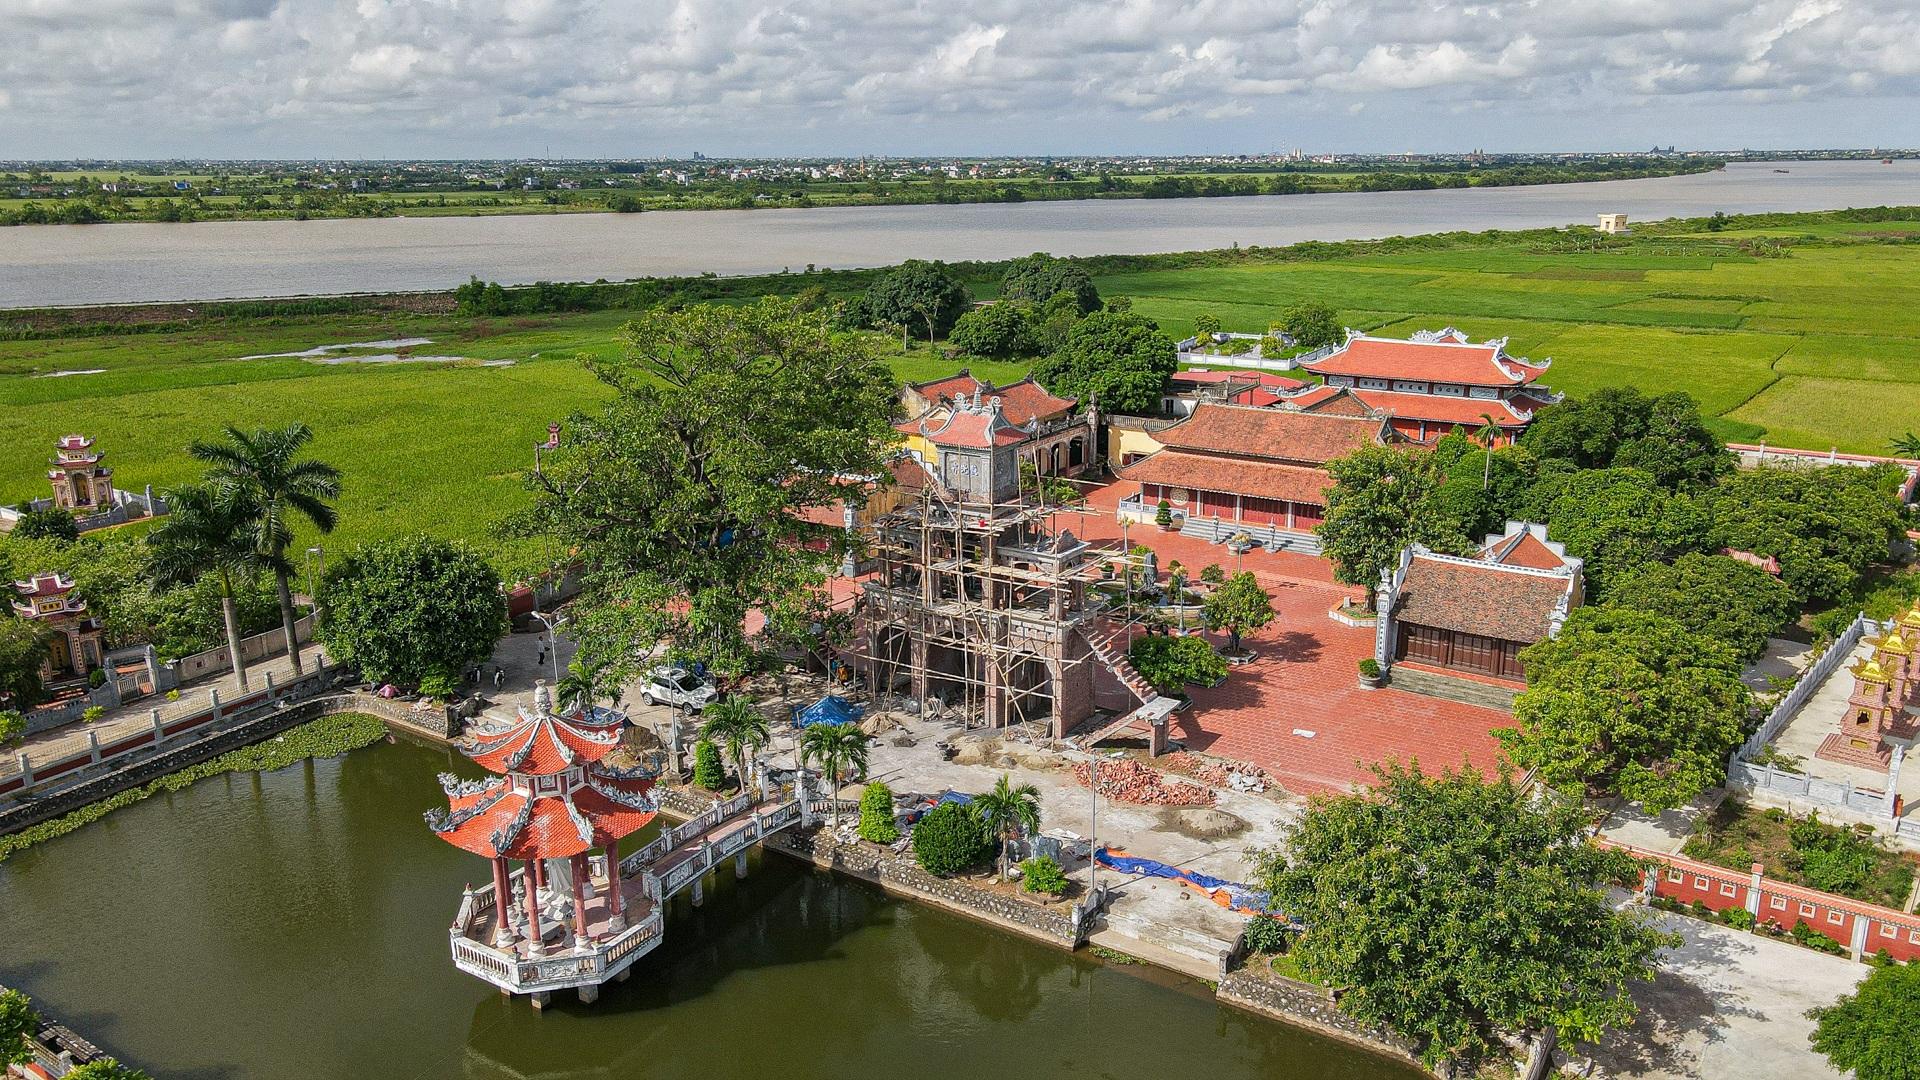 Ngôi đền 600 năm tuổi có kiến trúc độc đáo bậc nhất ở Nam Định - 9